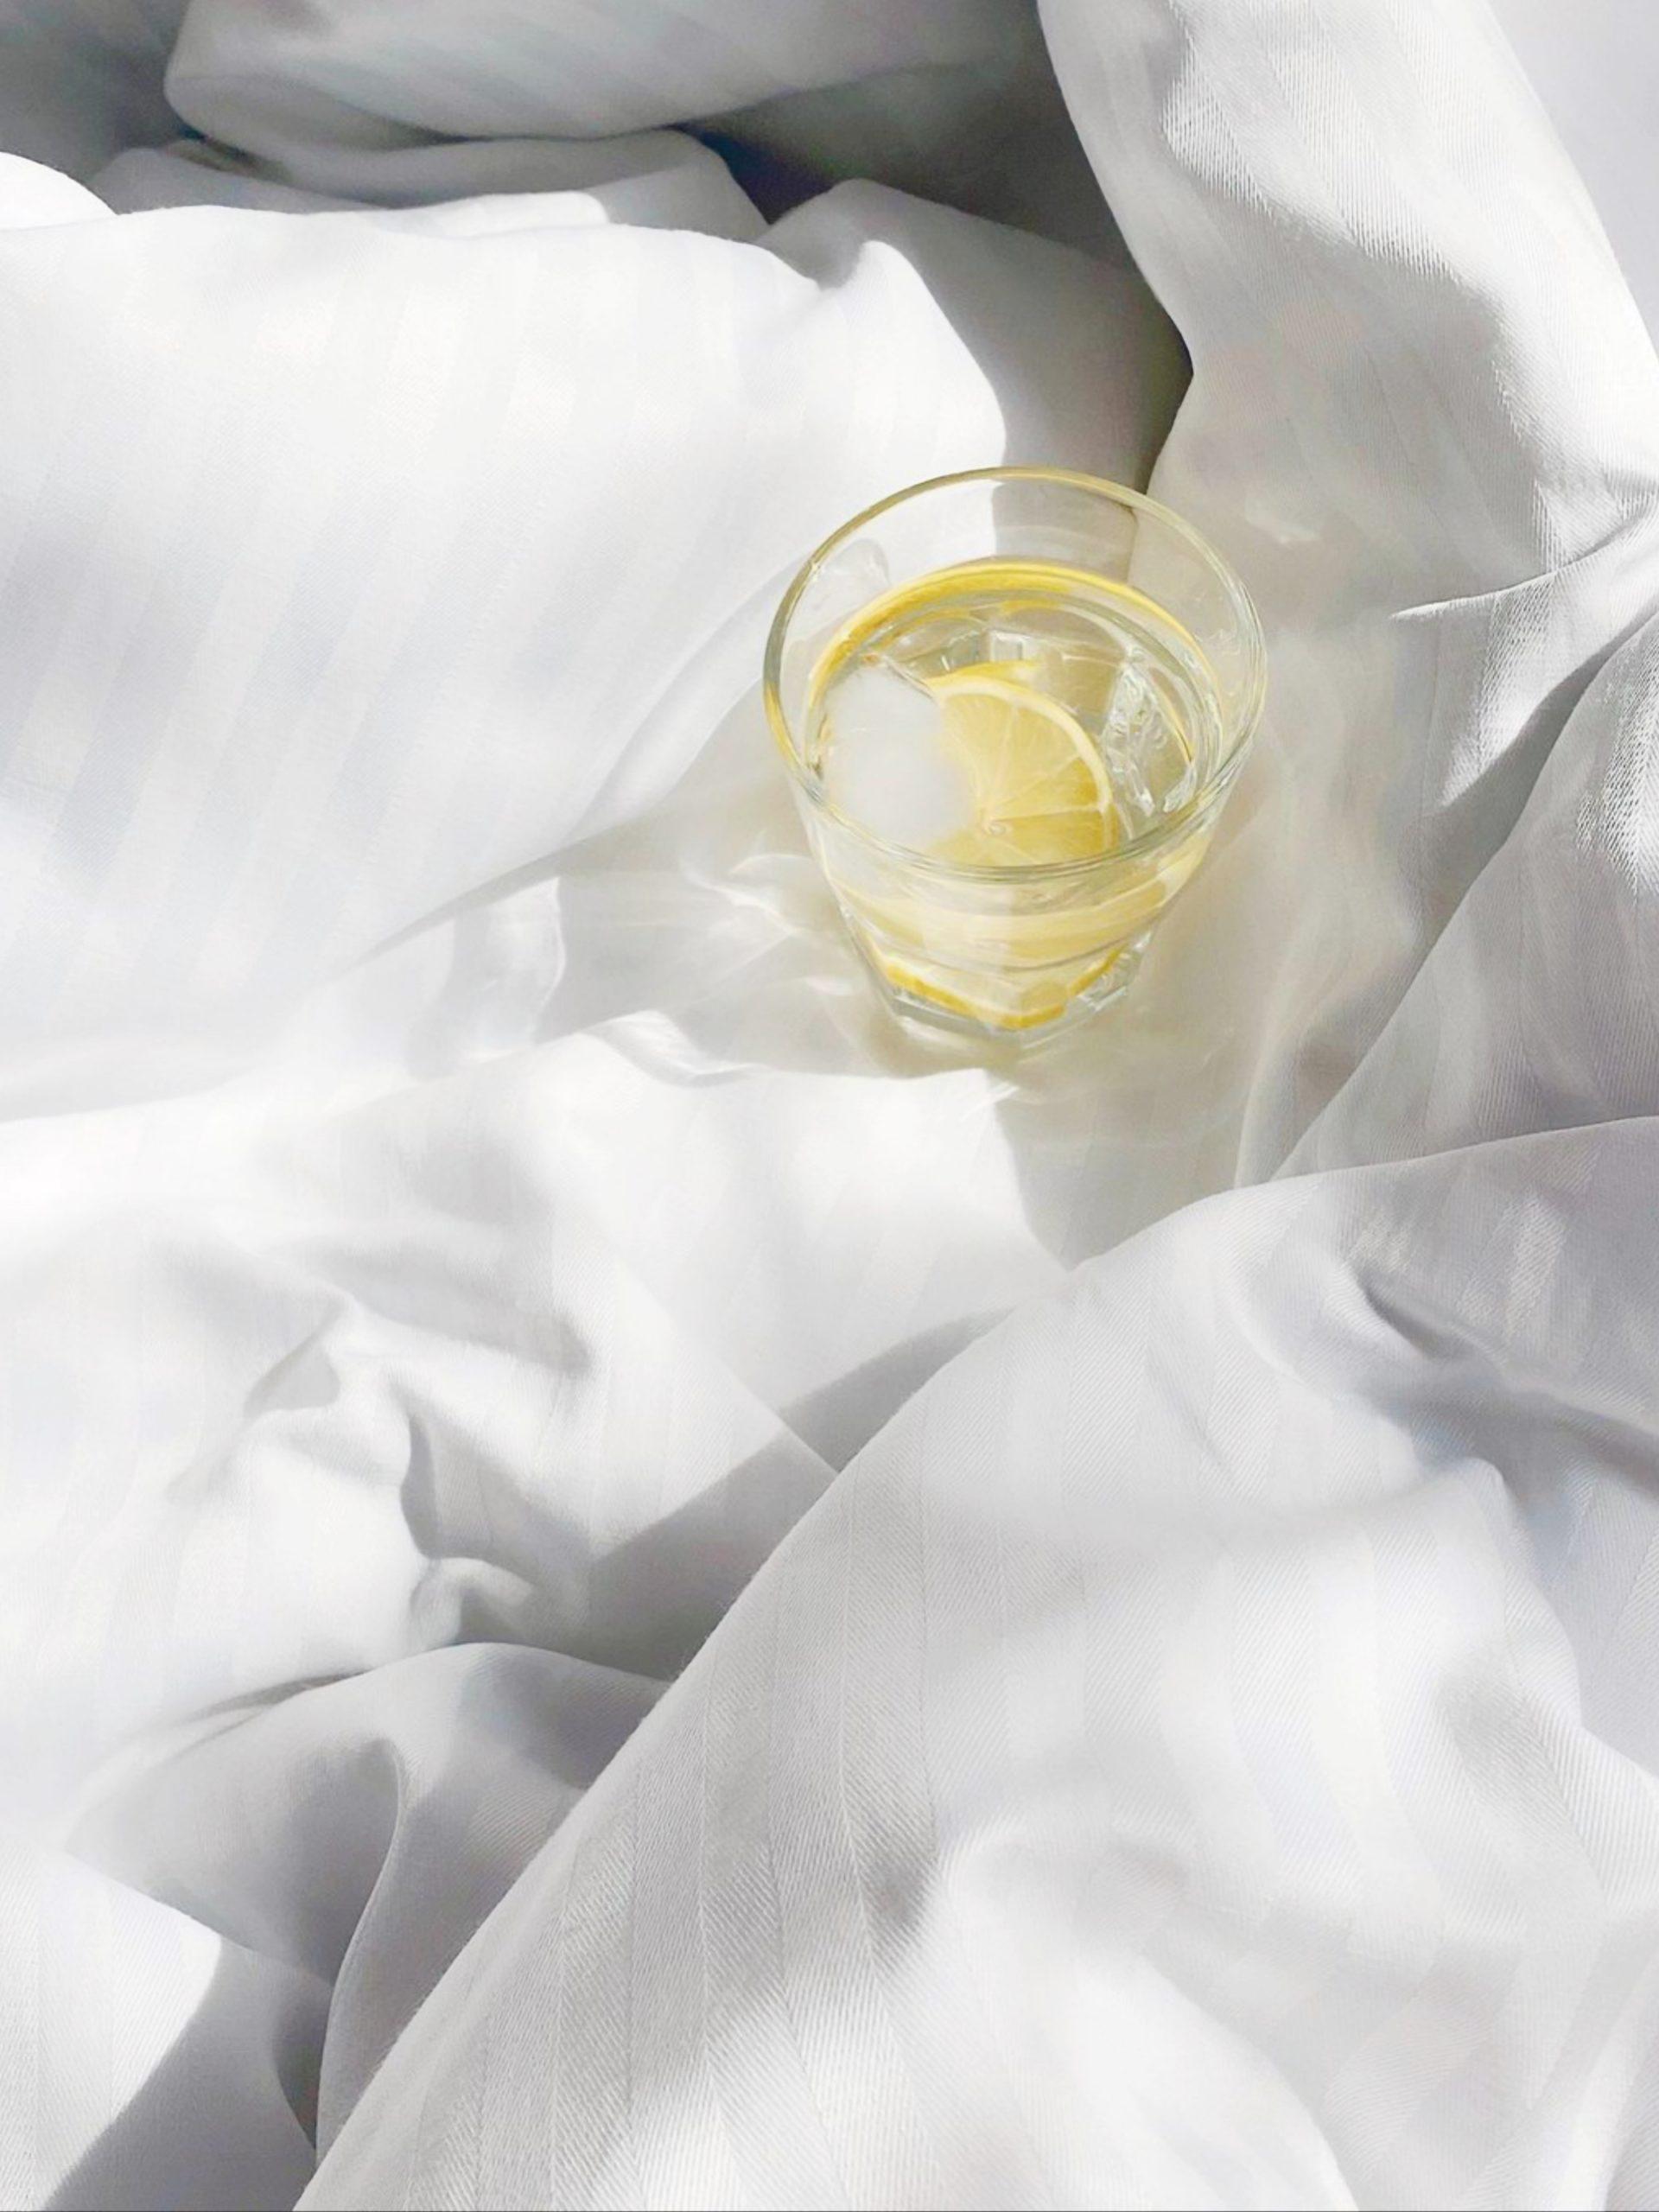 Lemon tea on bed